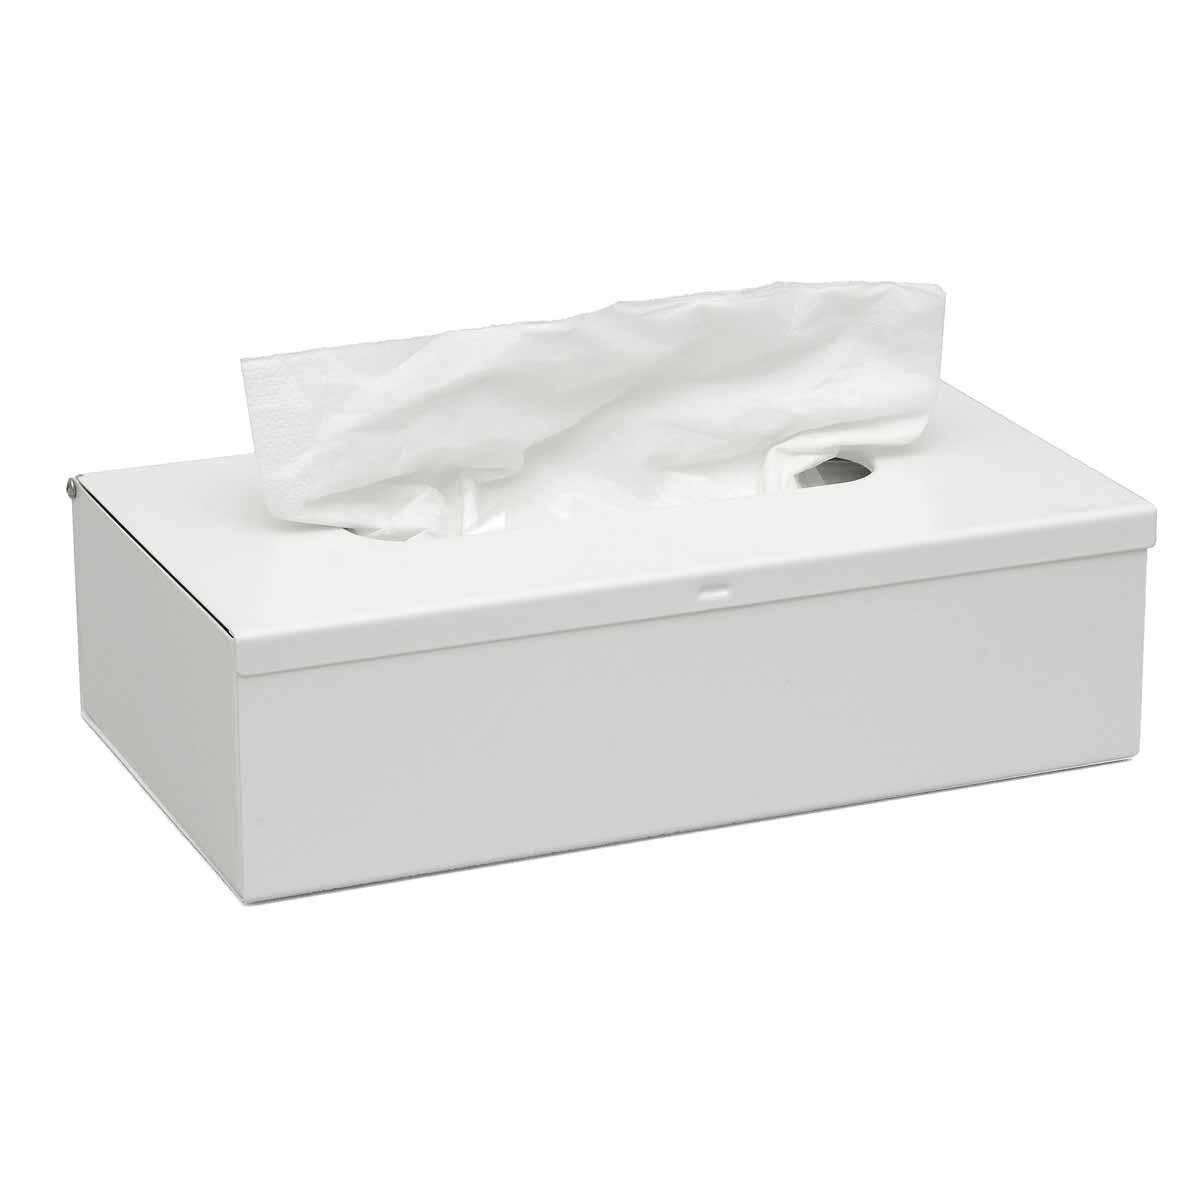 Θήκη Για Χαρτομάντηλα PamCo 120-033 White Matte